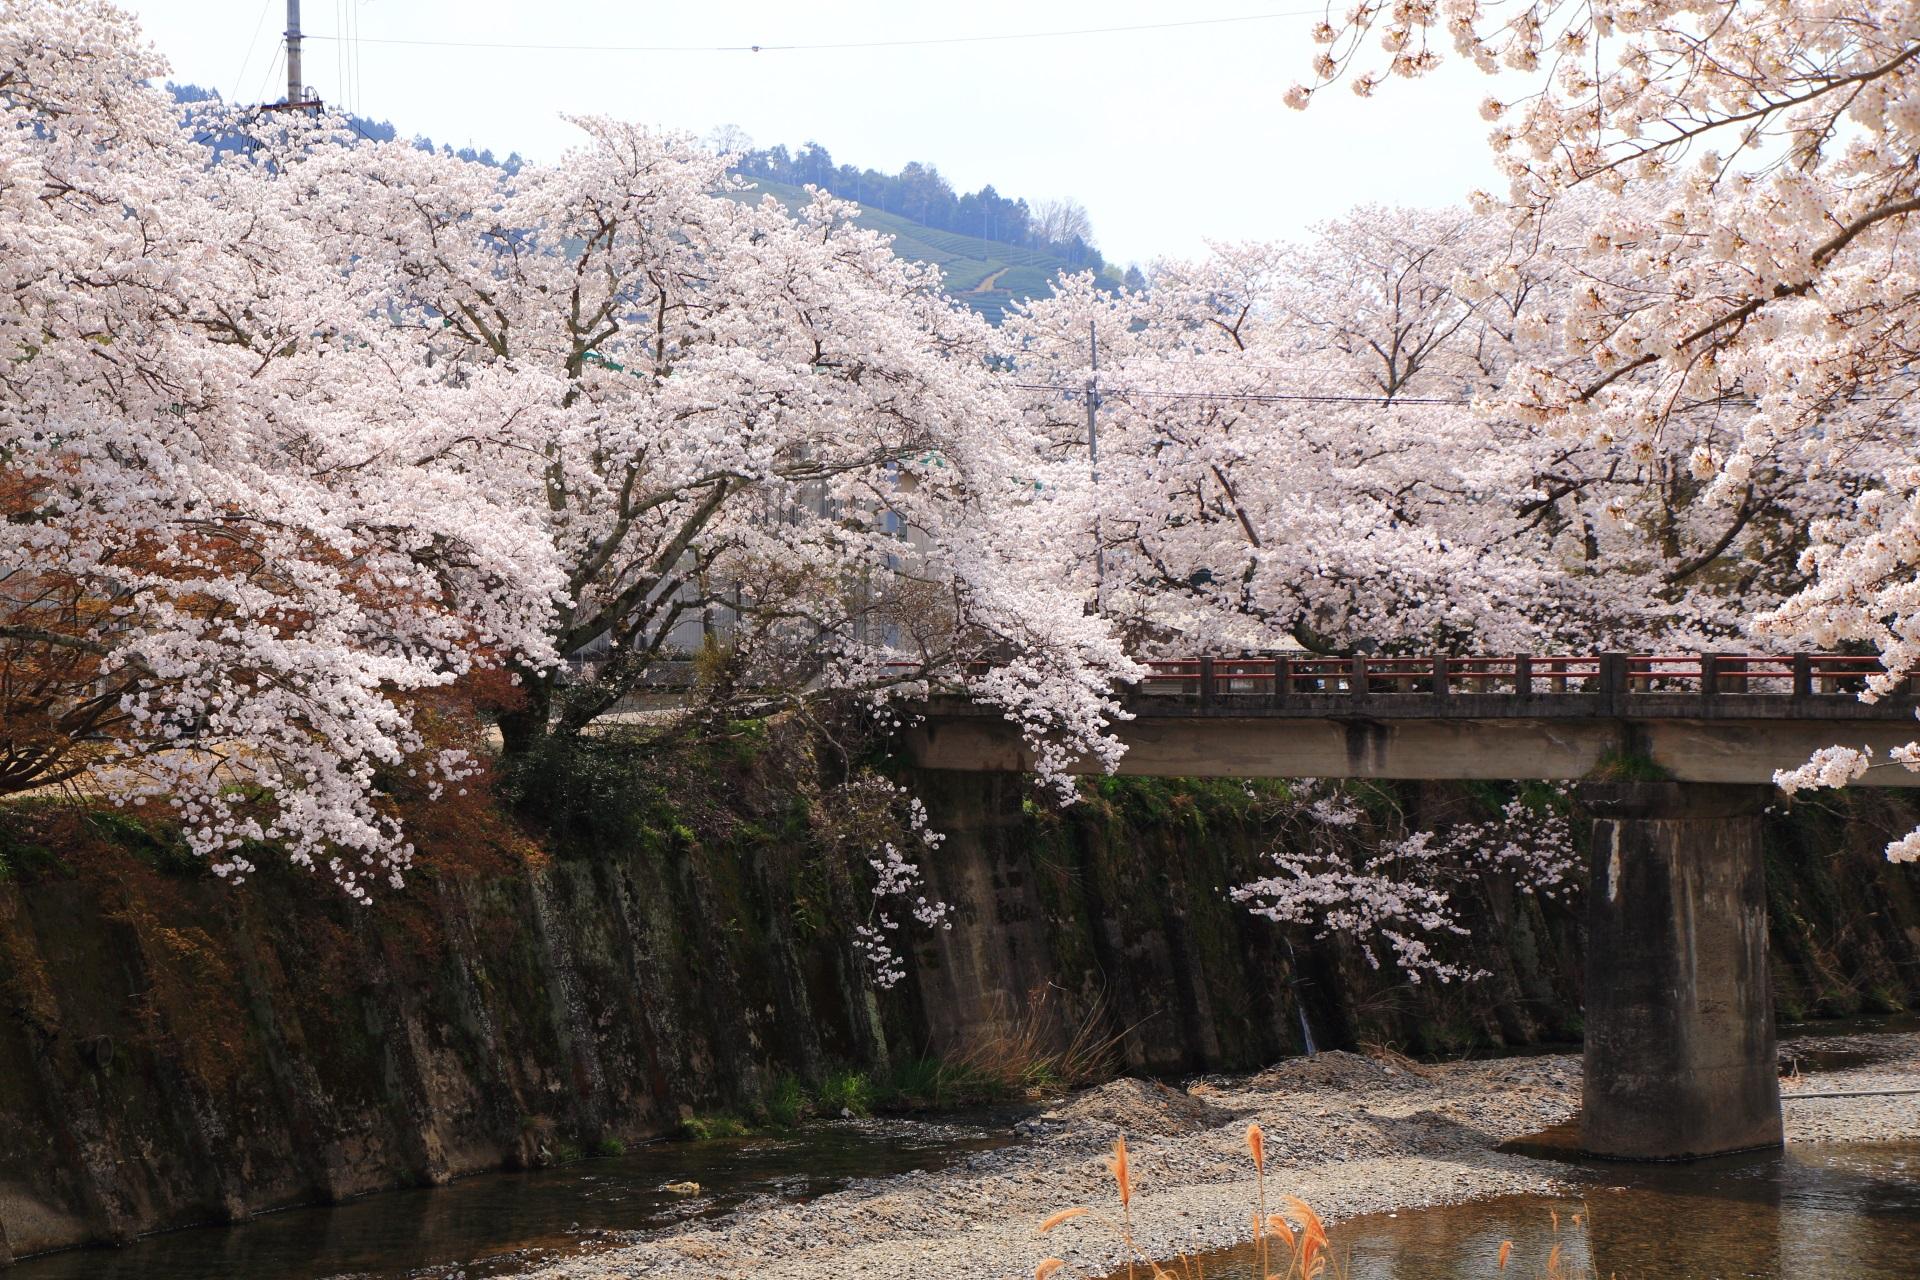 和束町の川と橋を染める桜